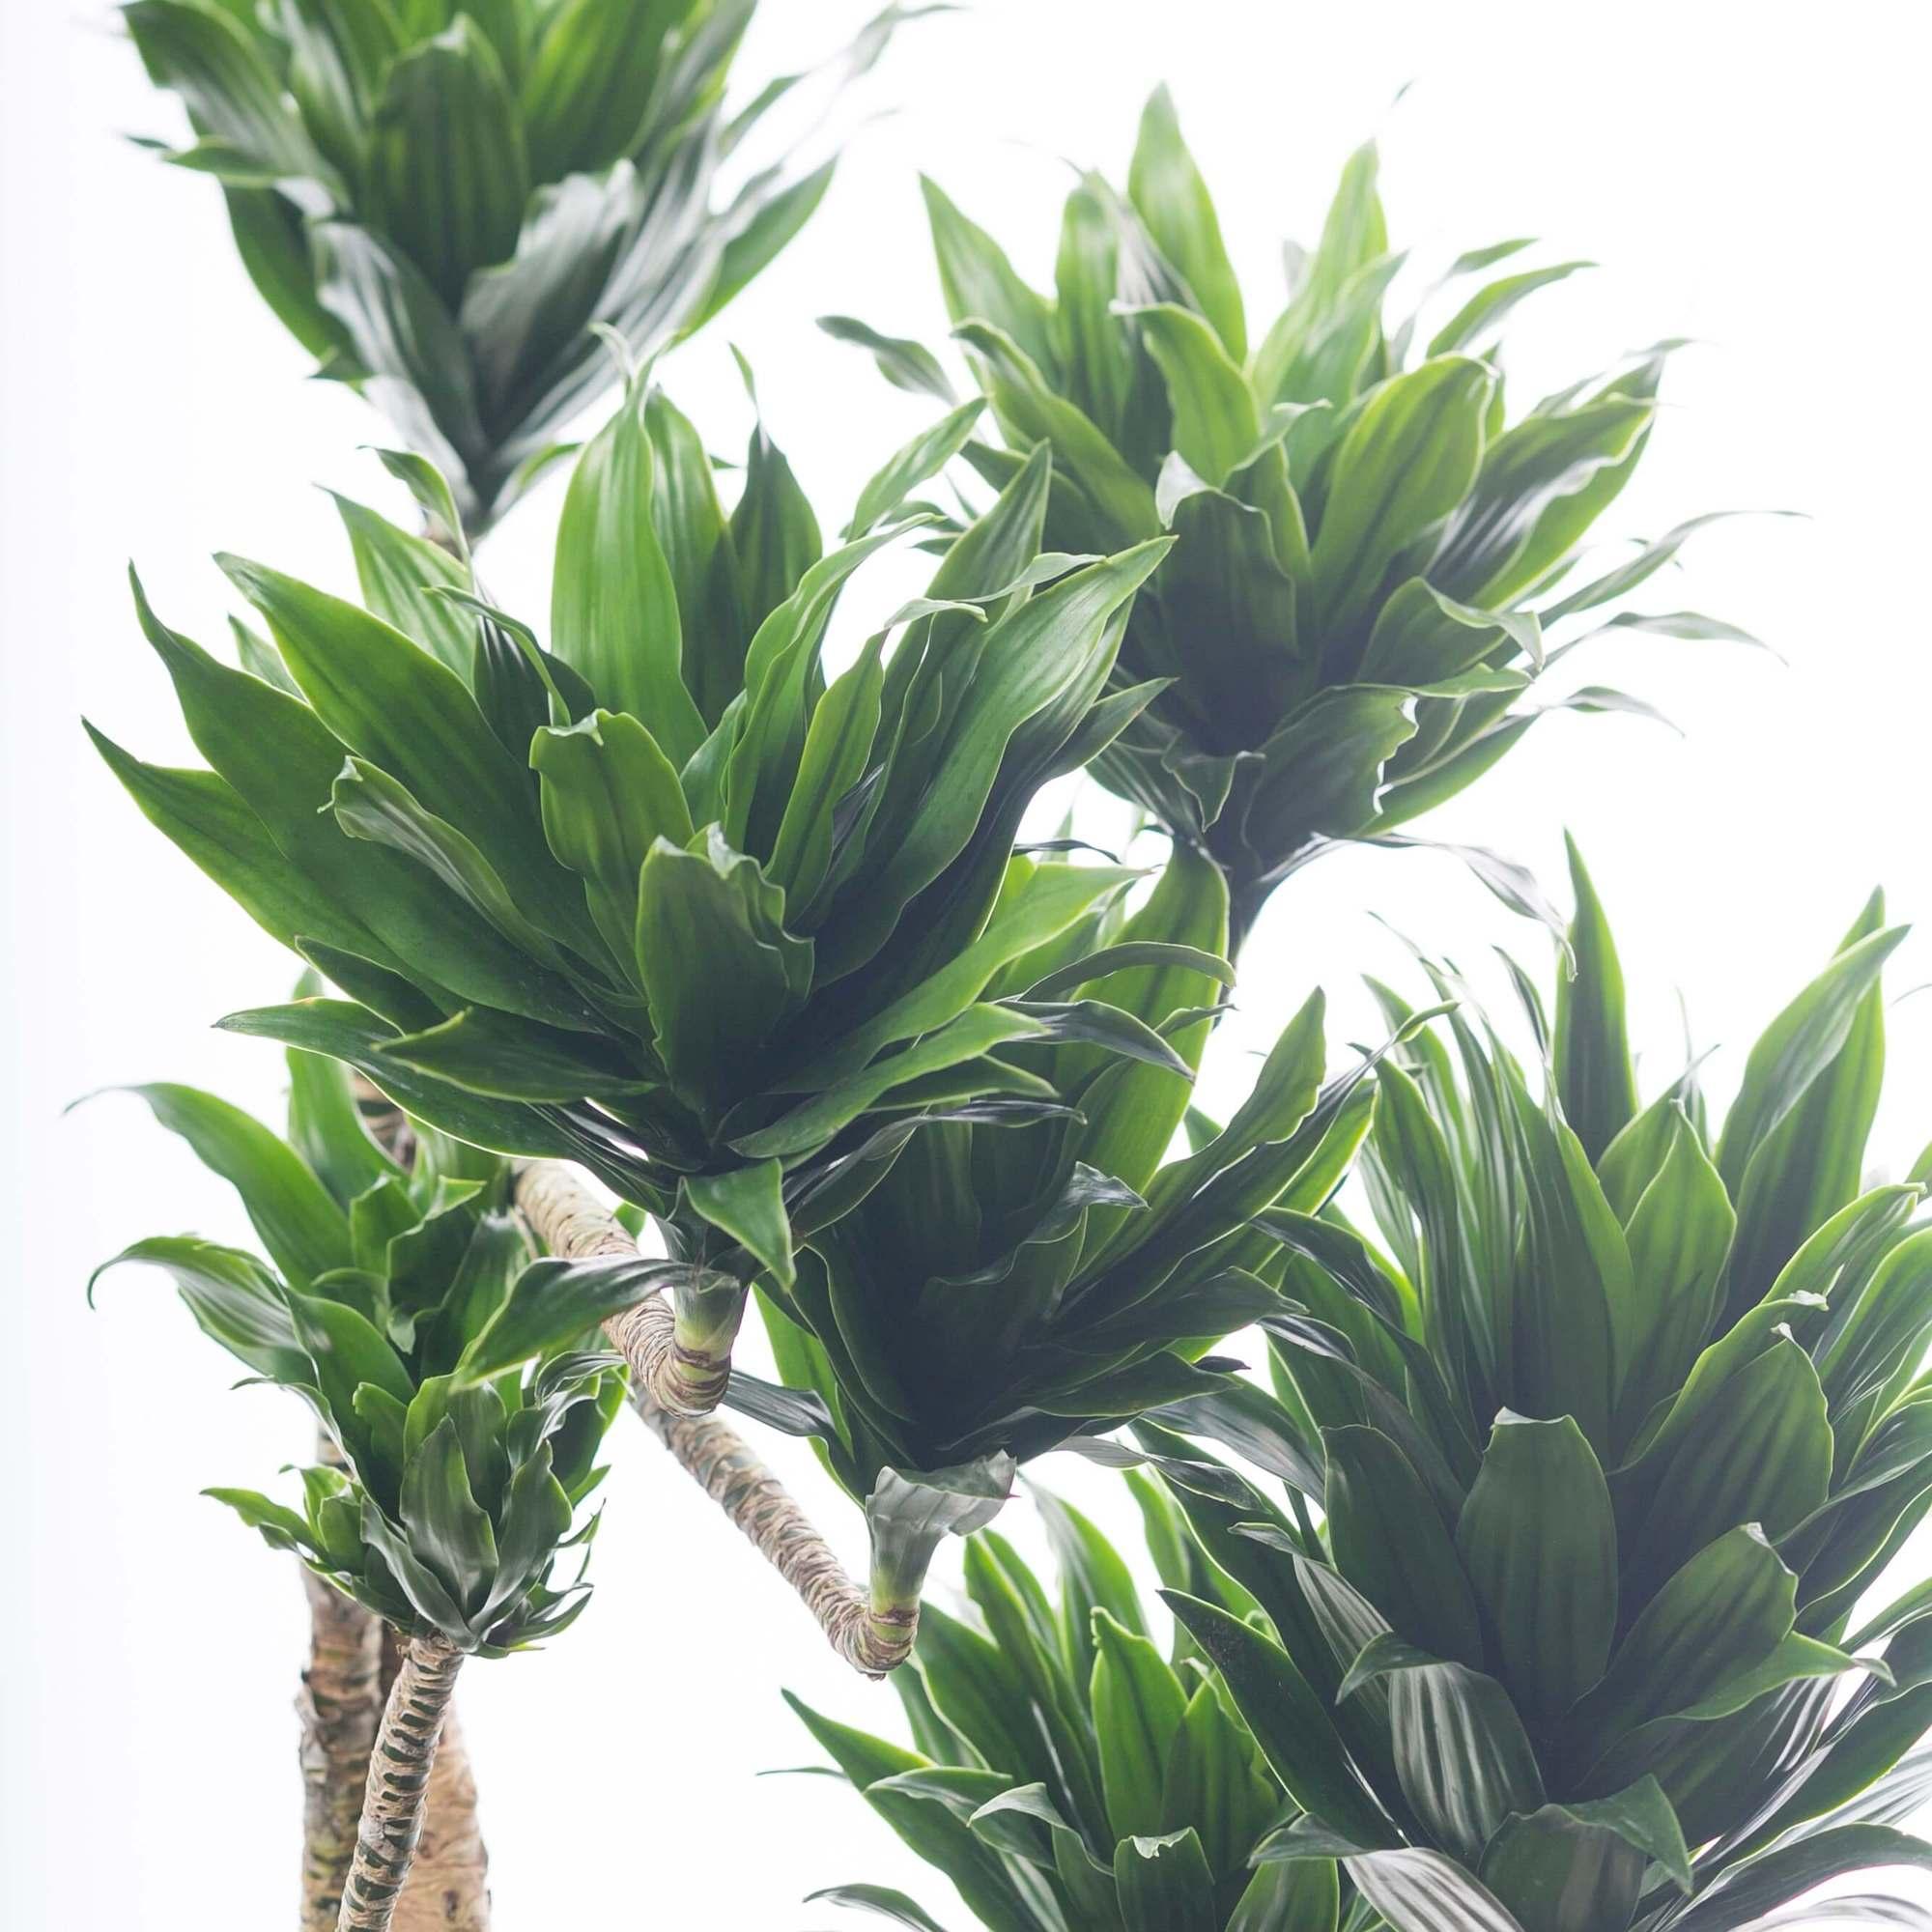 ドラセナ コンパクタ ドラセナ・コンパクタ 観葉植物